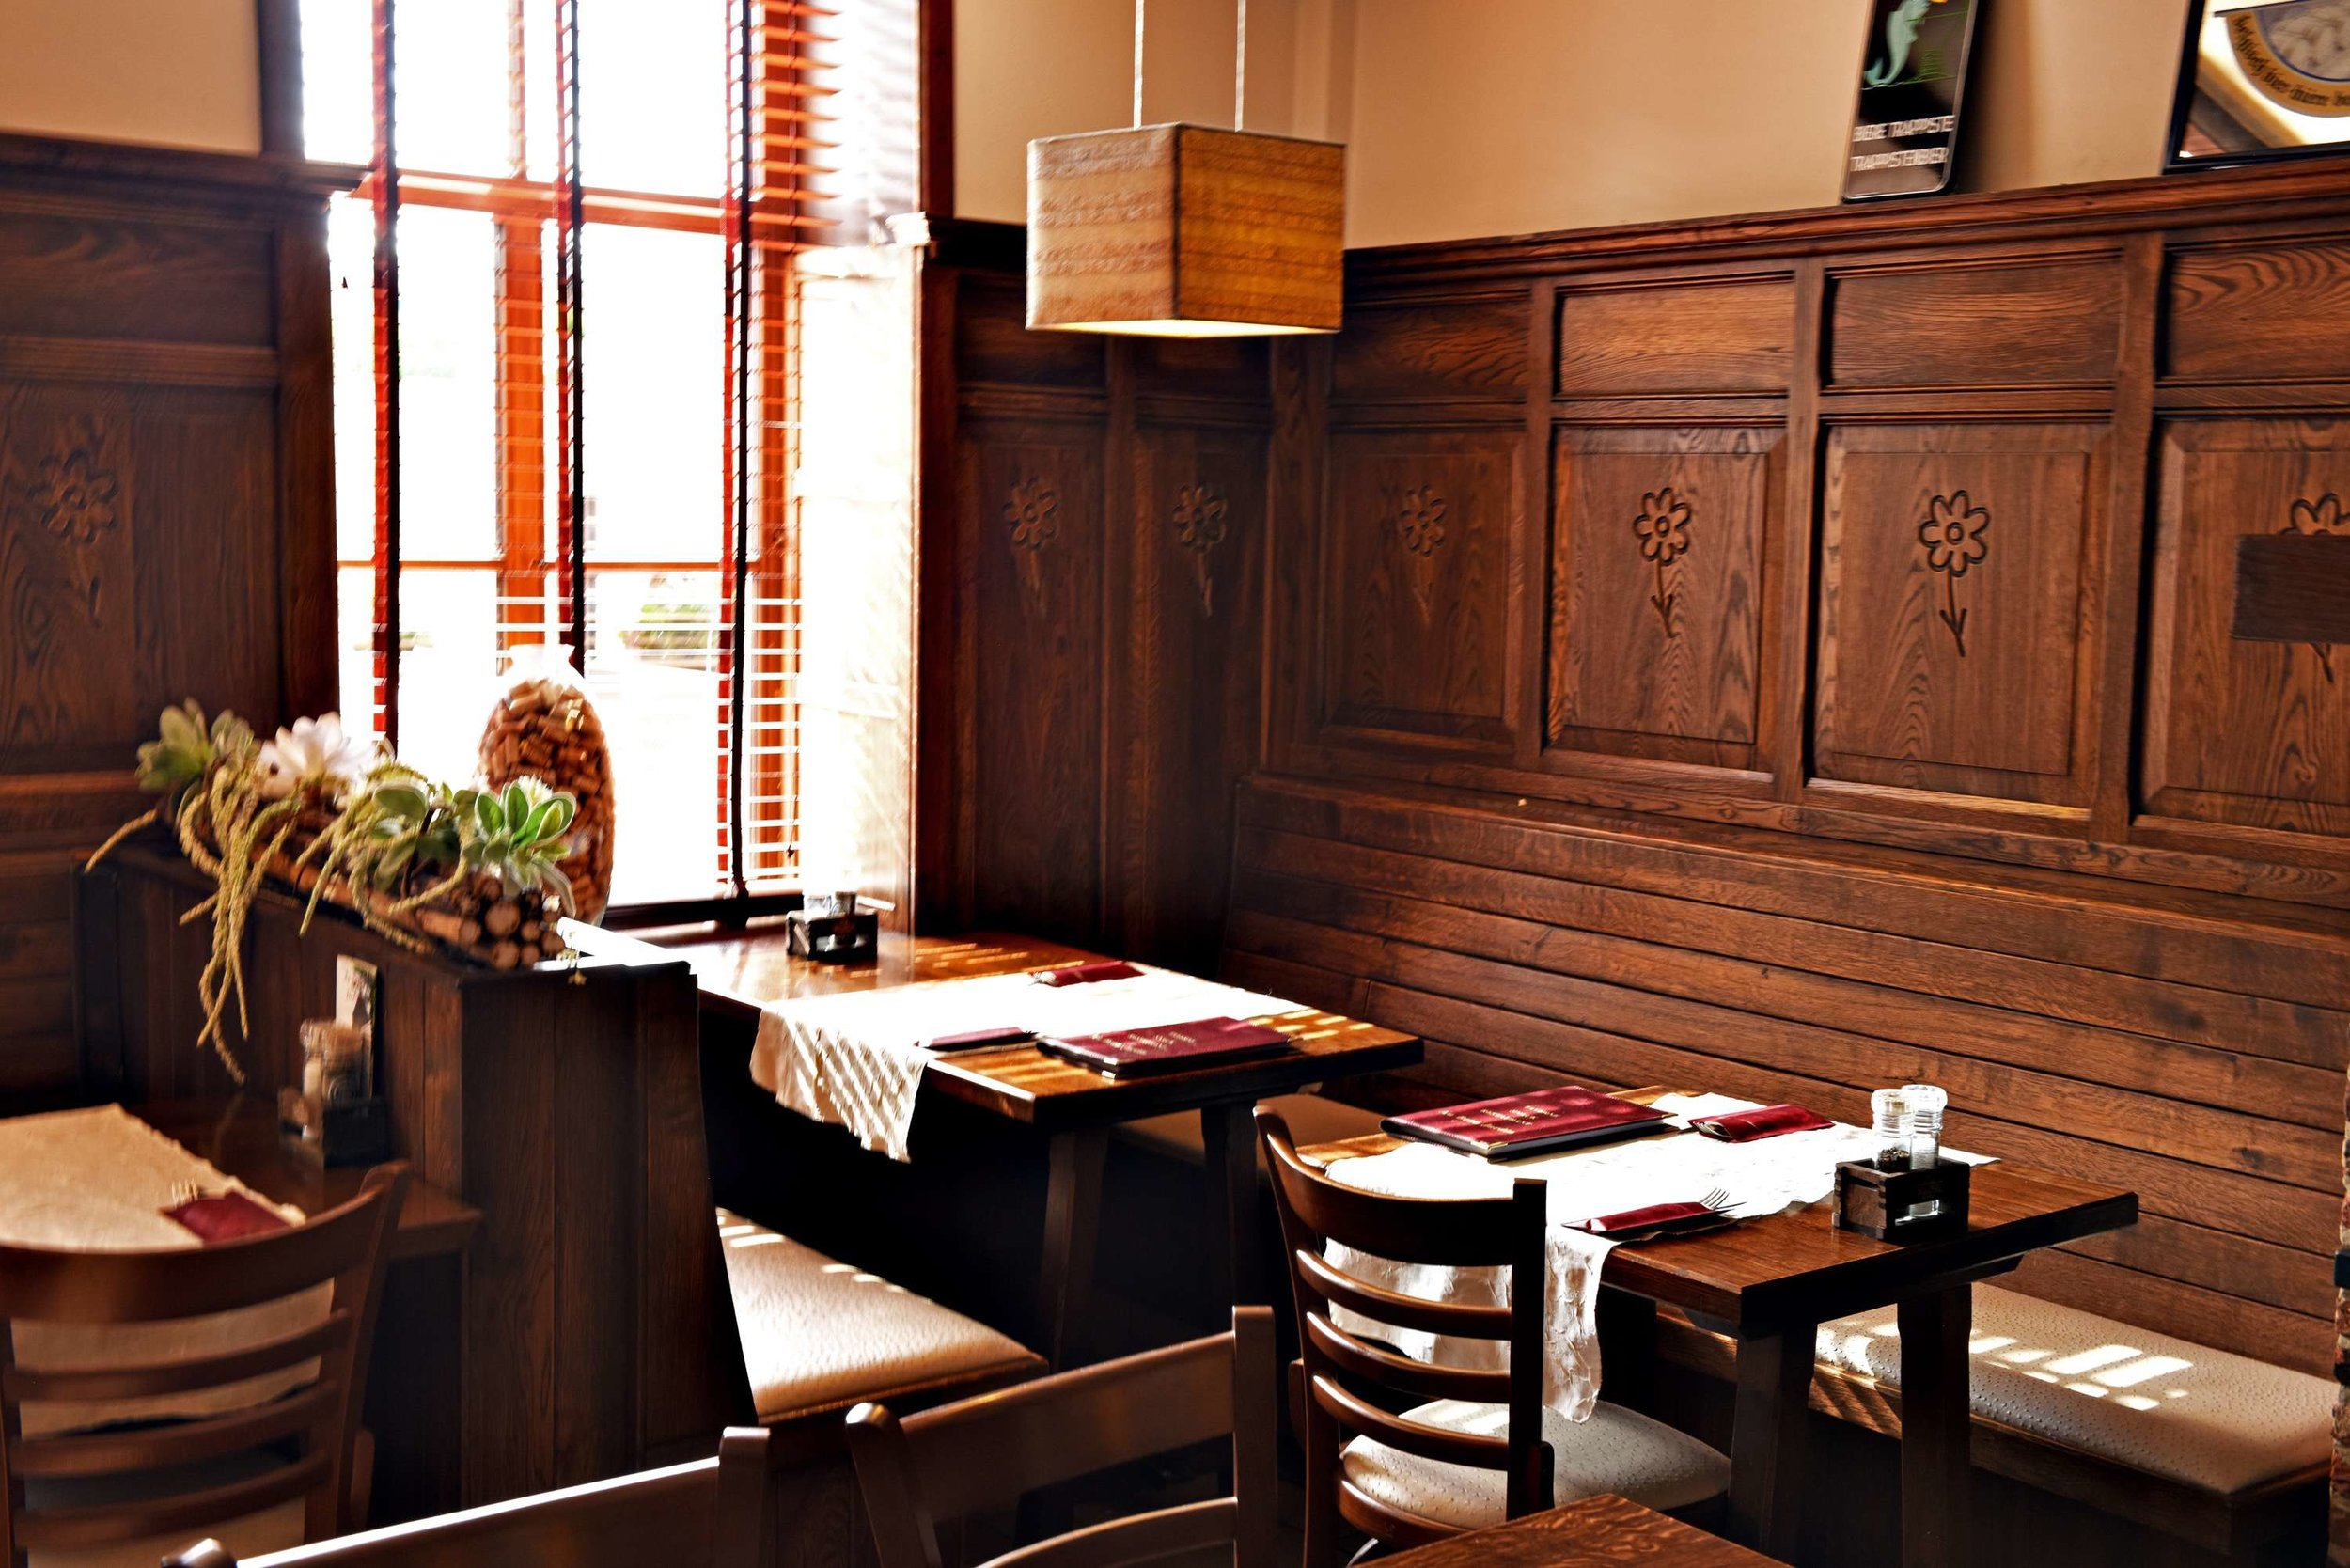 terras feestzaal au beau jardin rekkem restaurant feestzaal brasserie rekkem menen tablefever bart albrecht 110.jpg